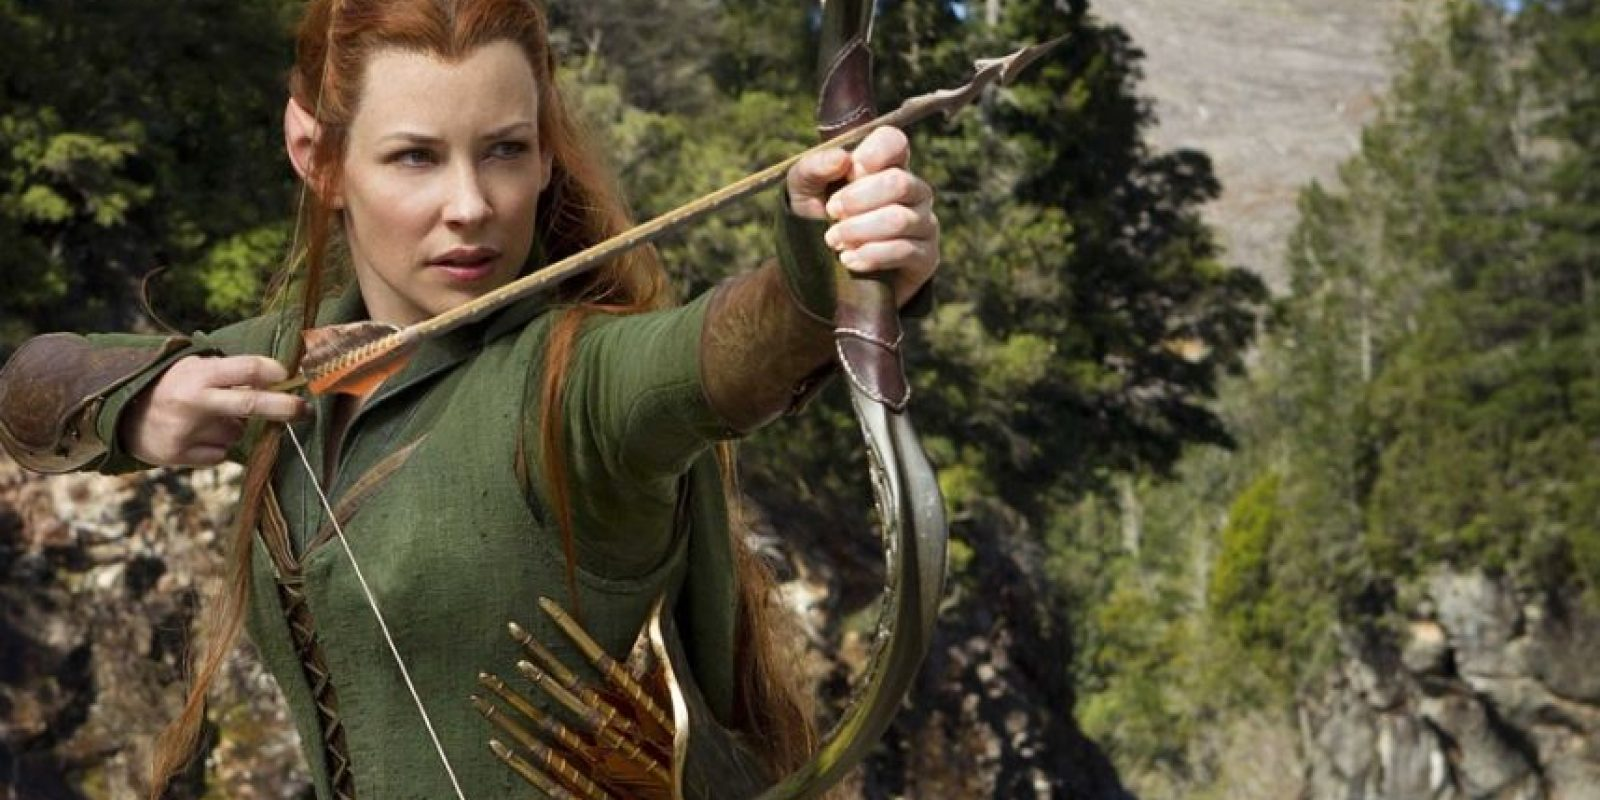 El personaje no aparece en la obra de Tolkien. Foto:New Line Cinema/MGM